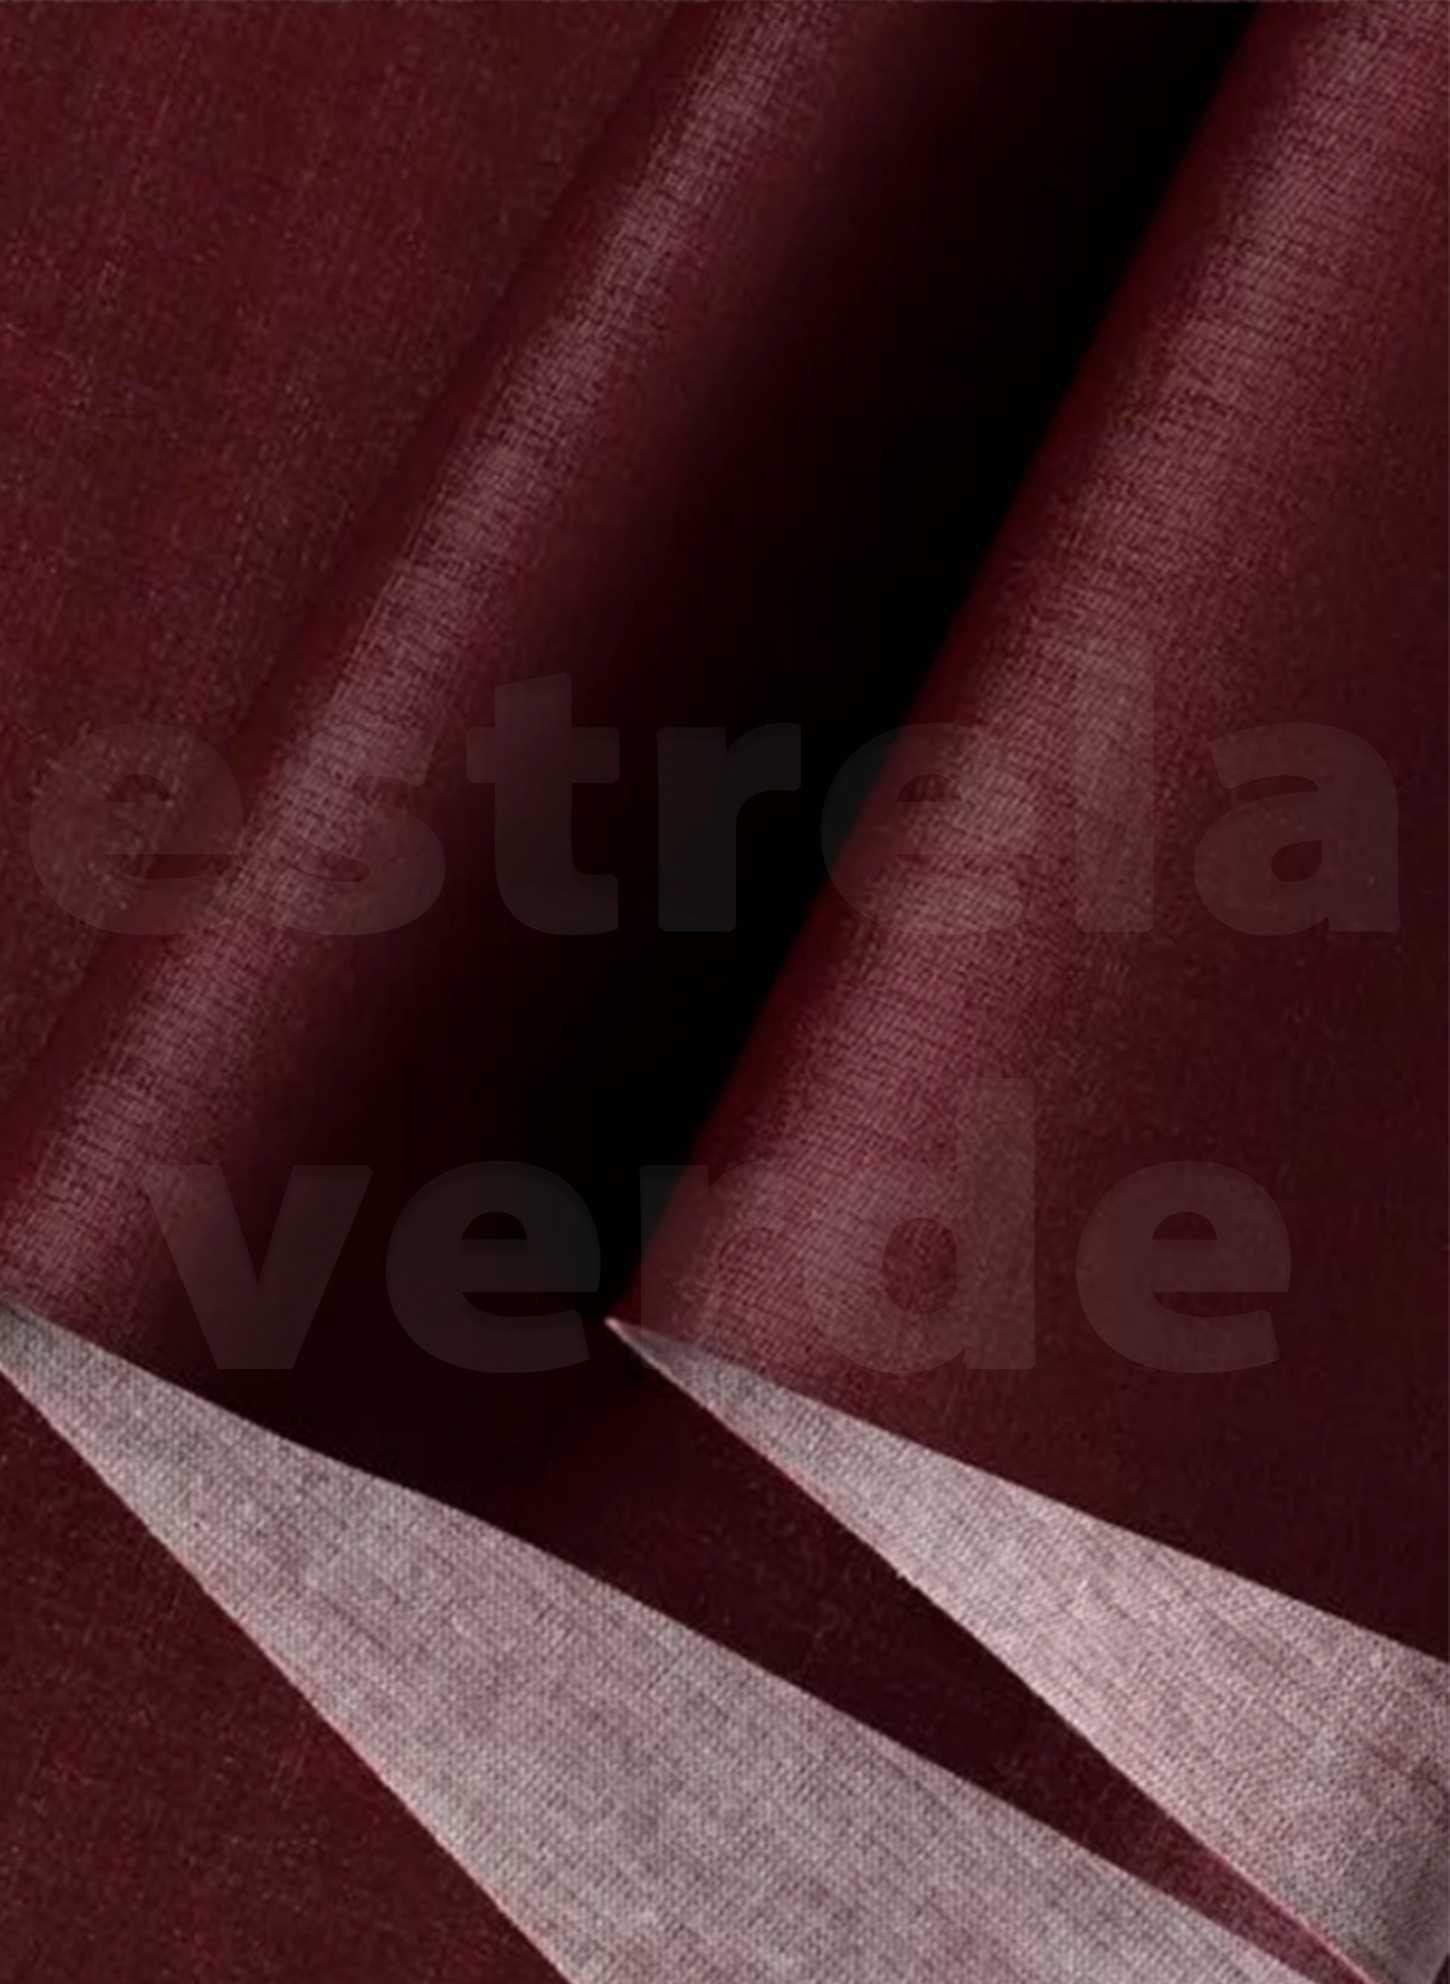 COURVIN DUNAS/FACTOR 1,0 MERLOT VINHO 14327  - Estrela Verde